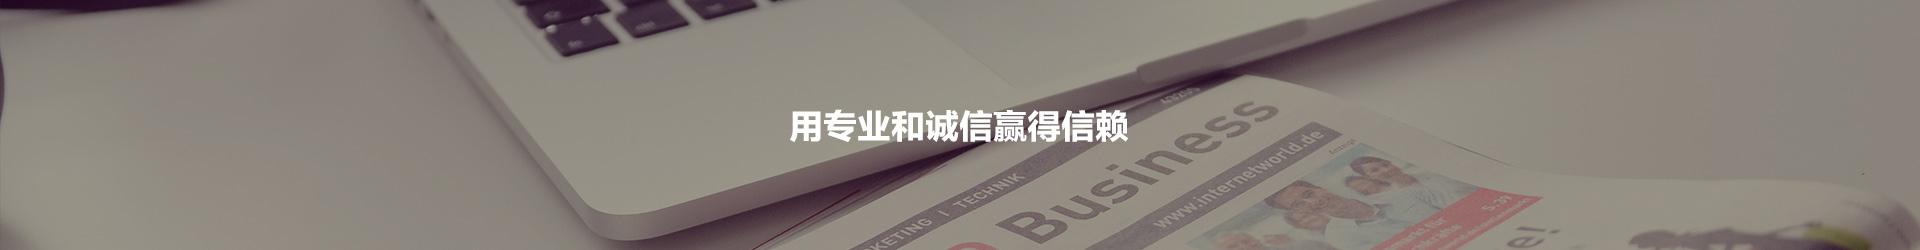 山东省社会科学数据中心正式启用_公司动态_关于我们_山东普邦信息技术有限公司官方网站